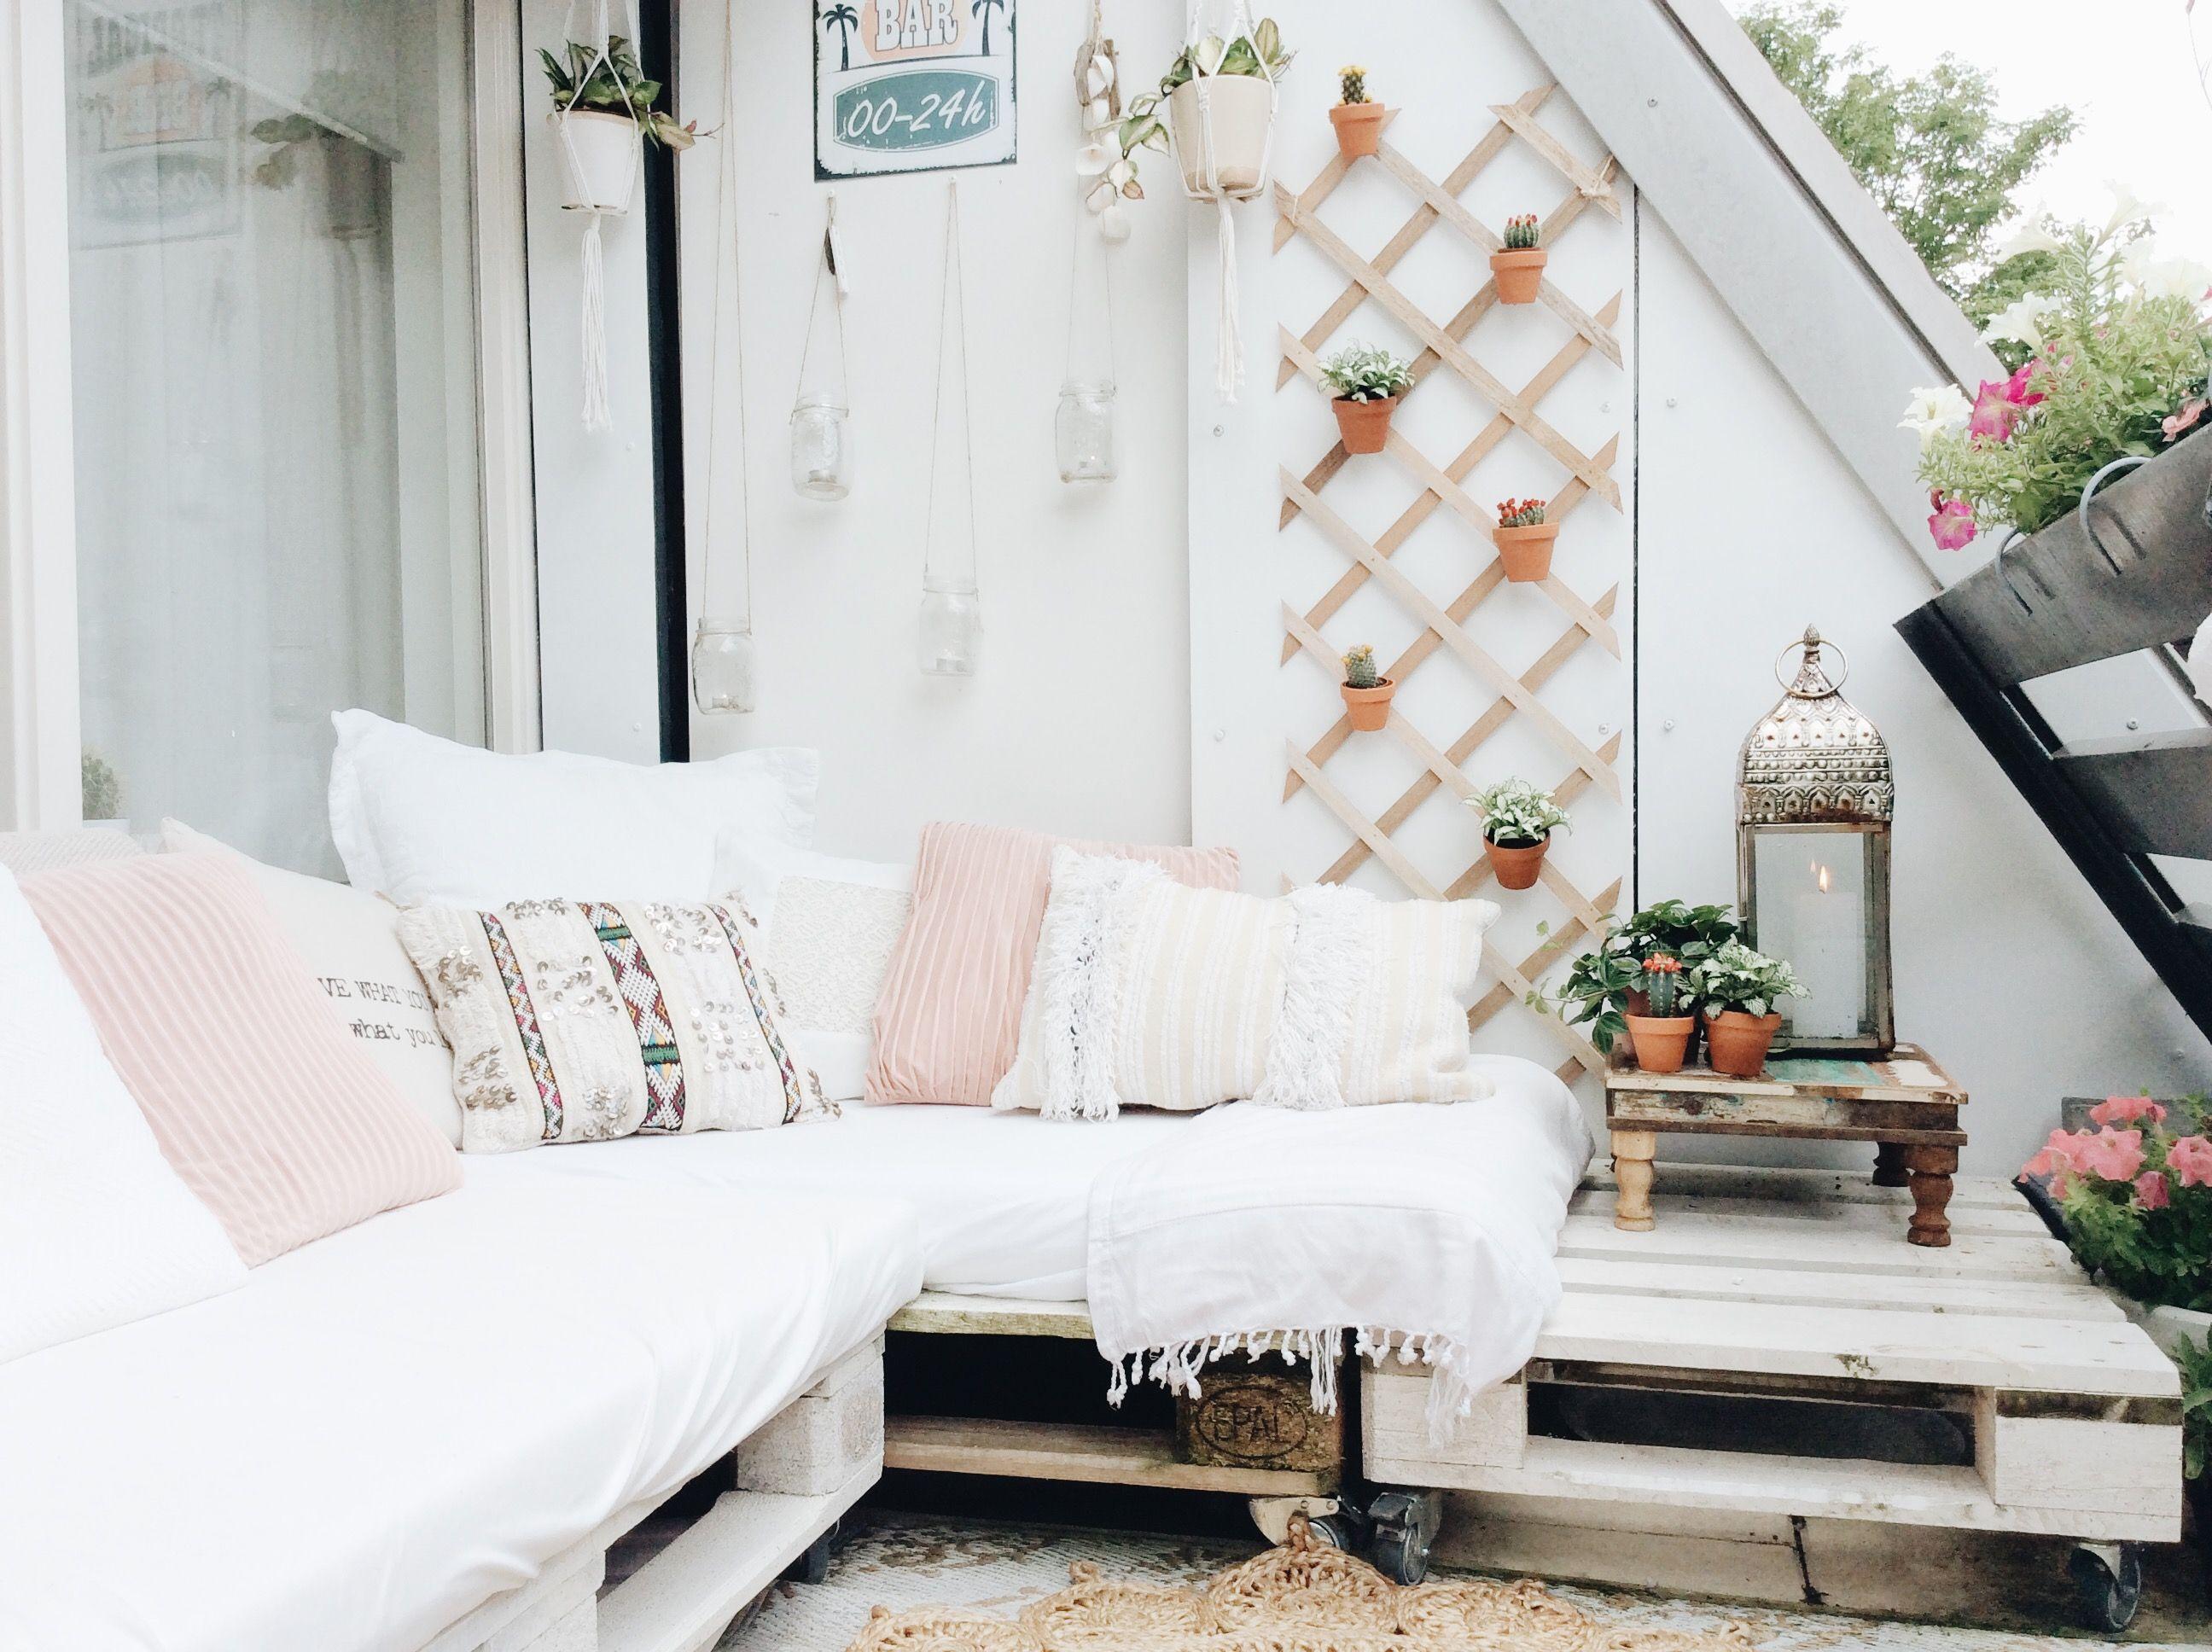 Balcony bohemian style, by @lovedbysheila on instagram | My white ...